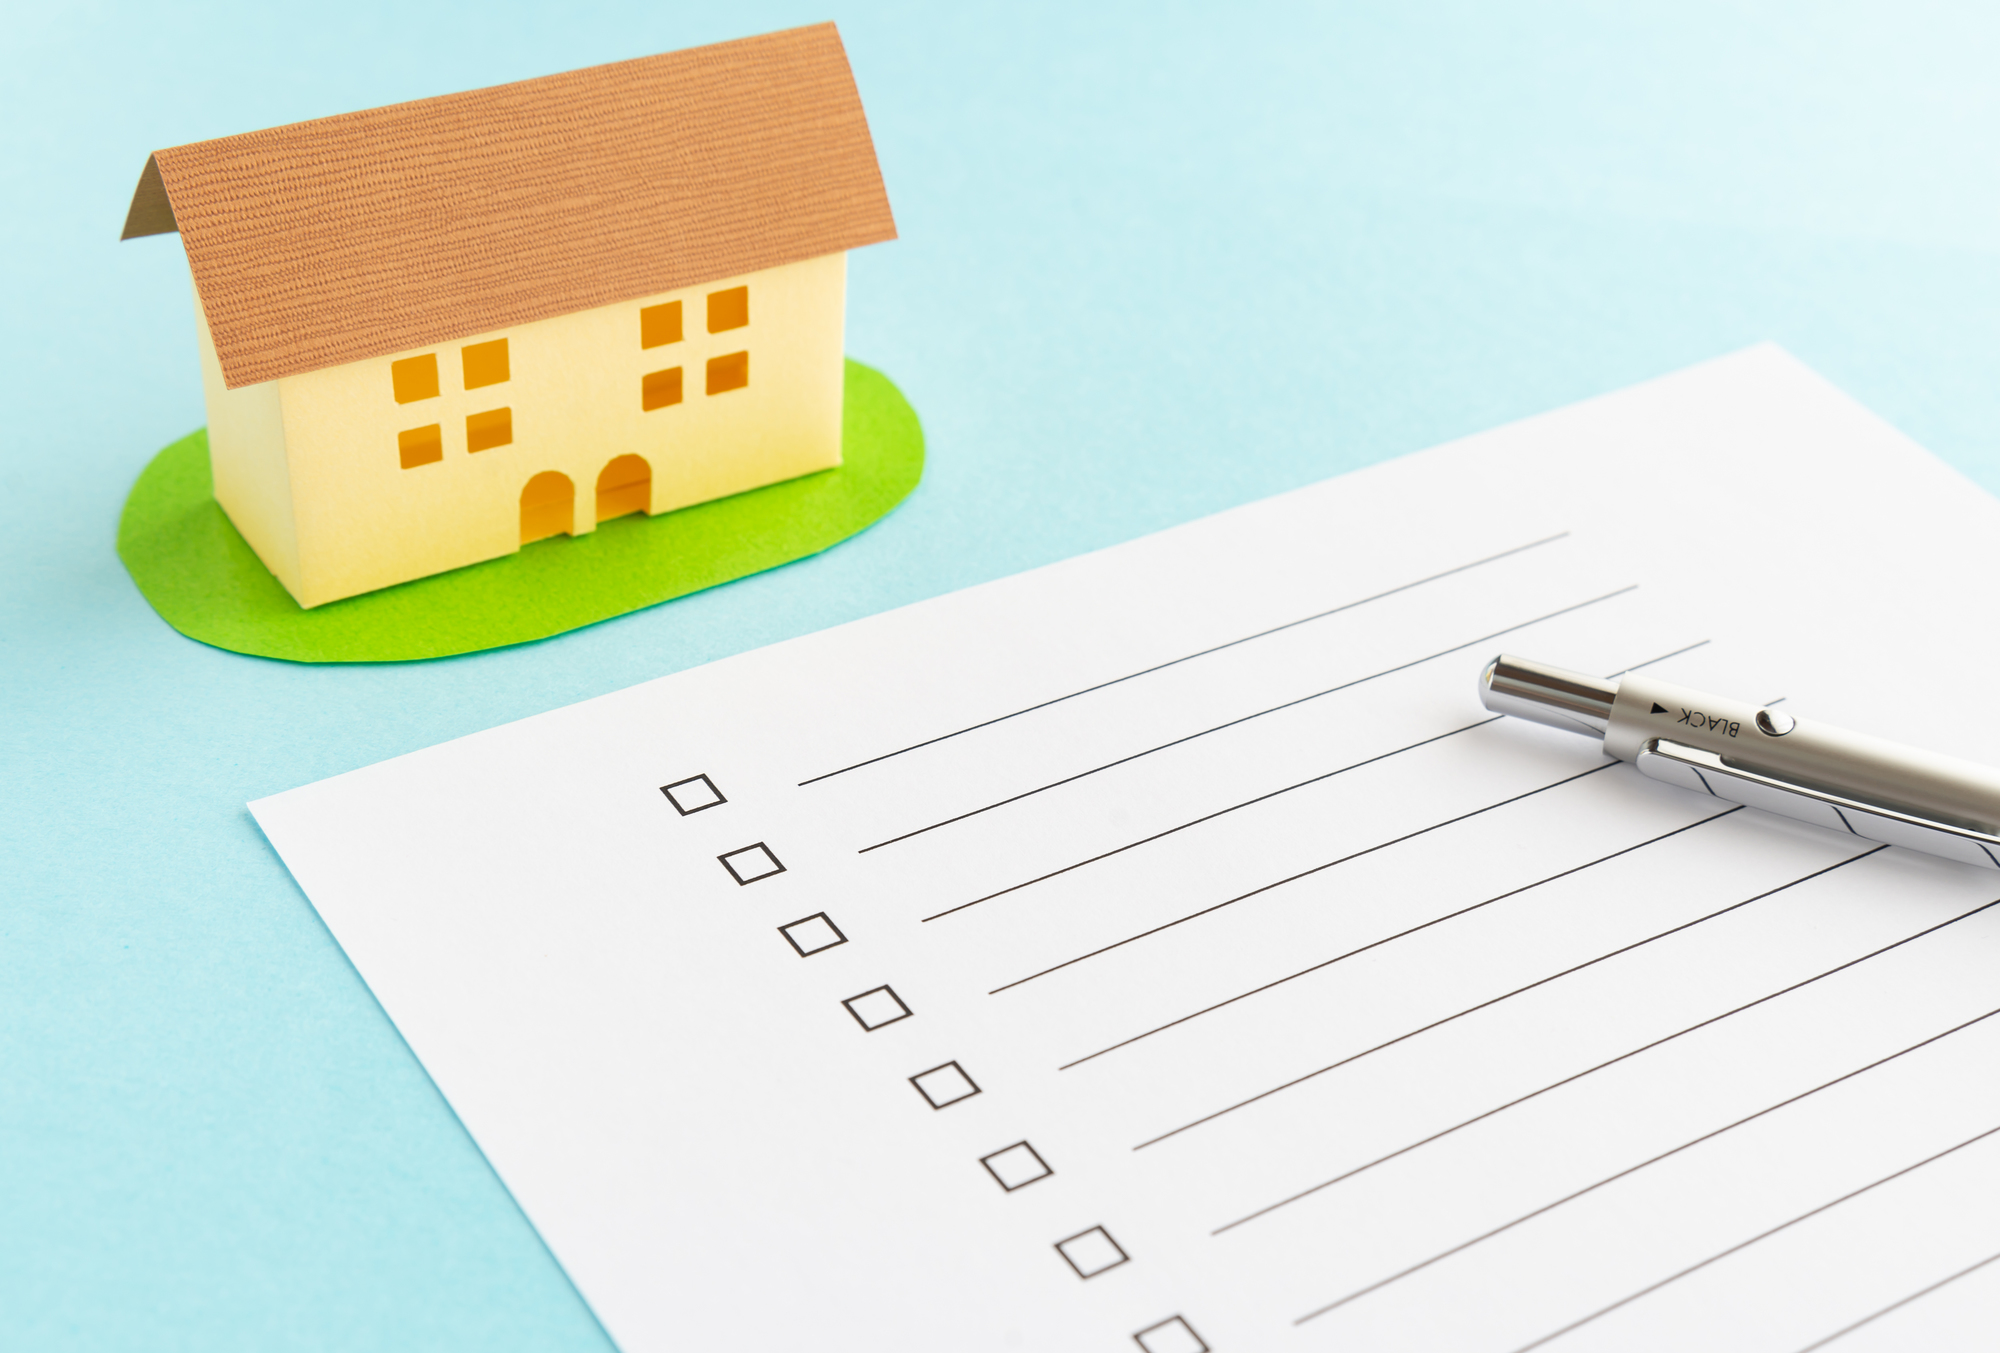 引っ越しの手続きでやっておくべきチェックリスト